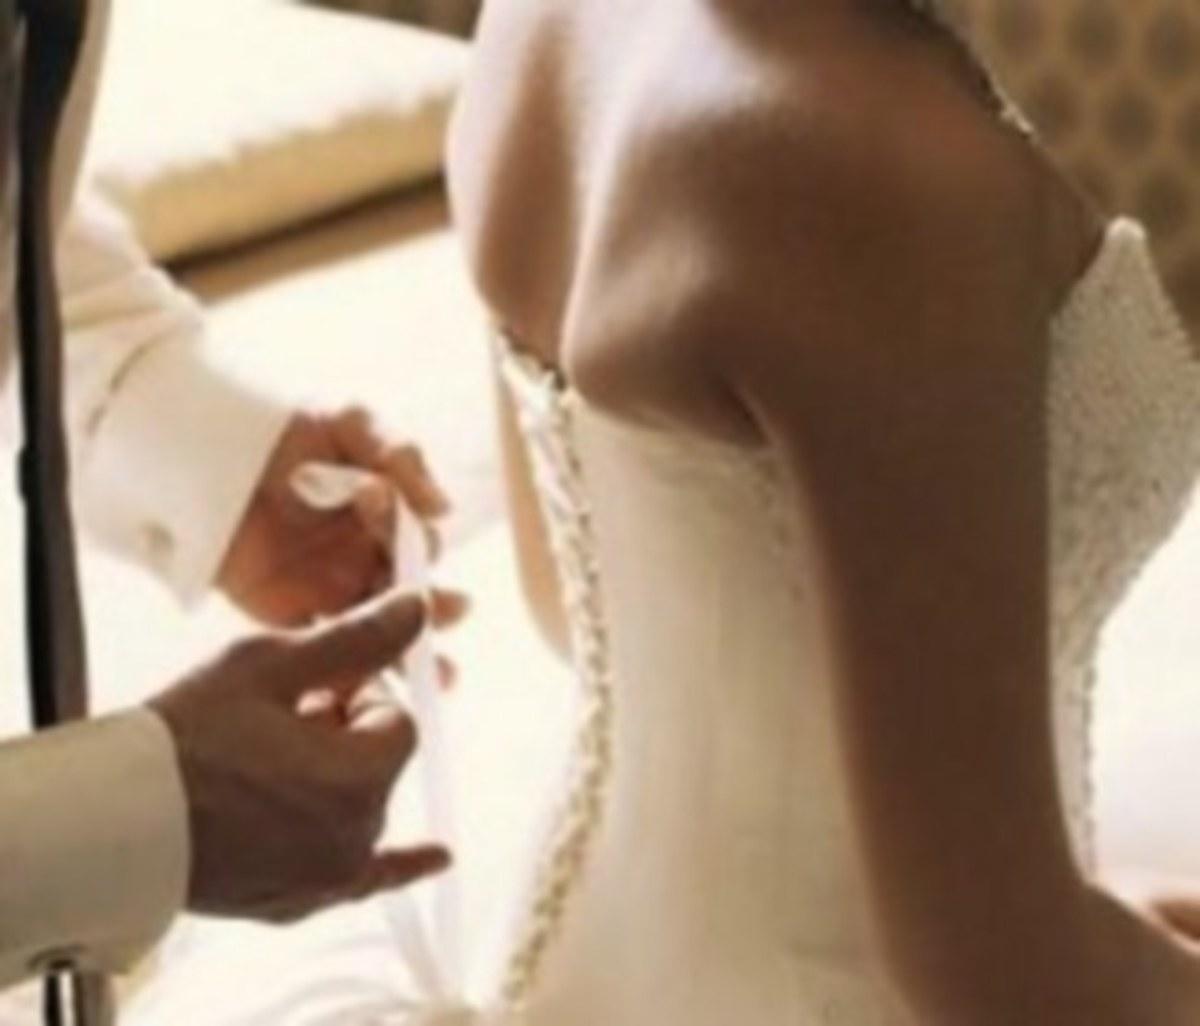 Χανιά: Ντύθηκε νύφη στη φυλακή – Ο γάμος που έγινε θέμα συζήτησης στην Κρήτη! | Newsit.gr